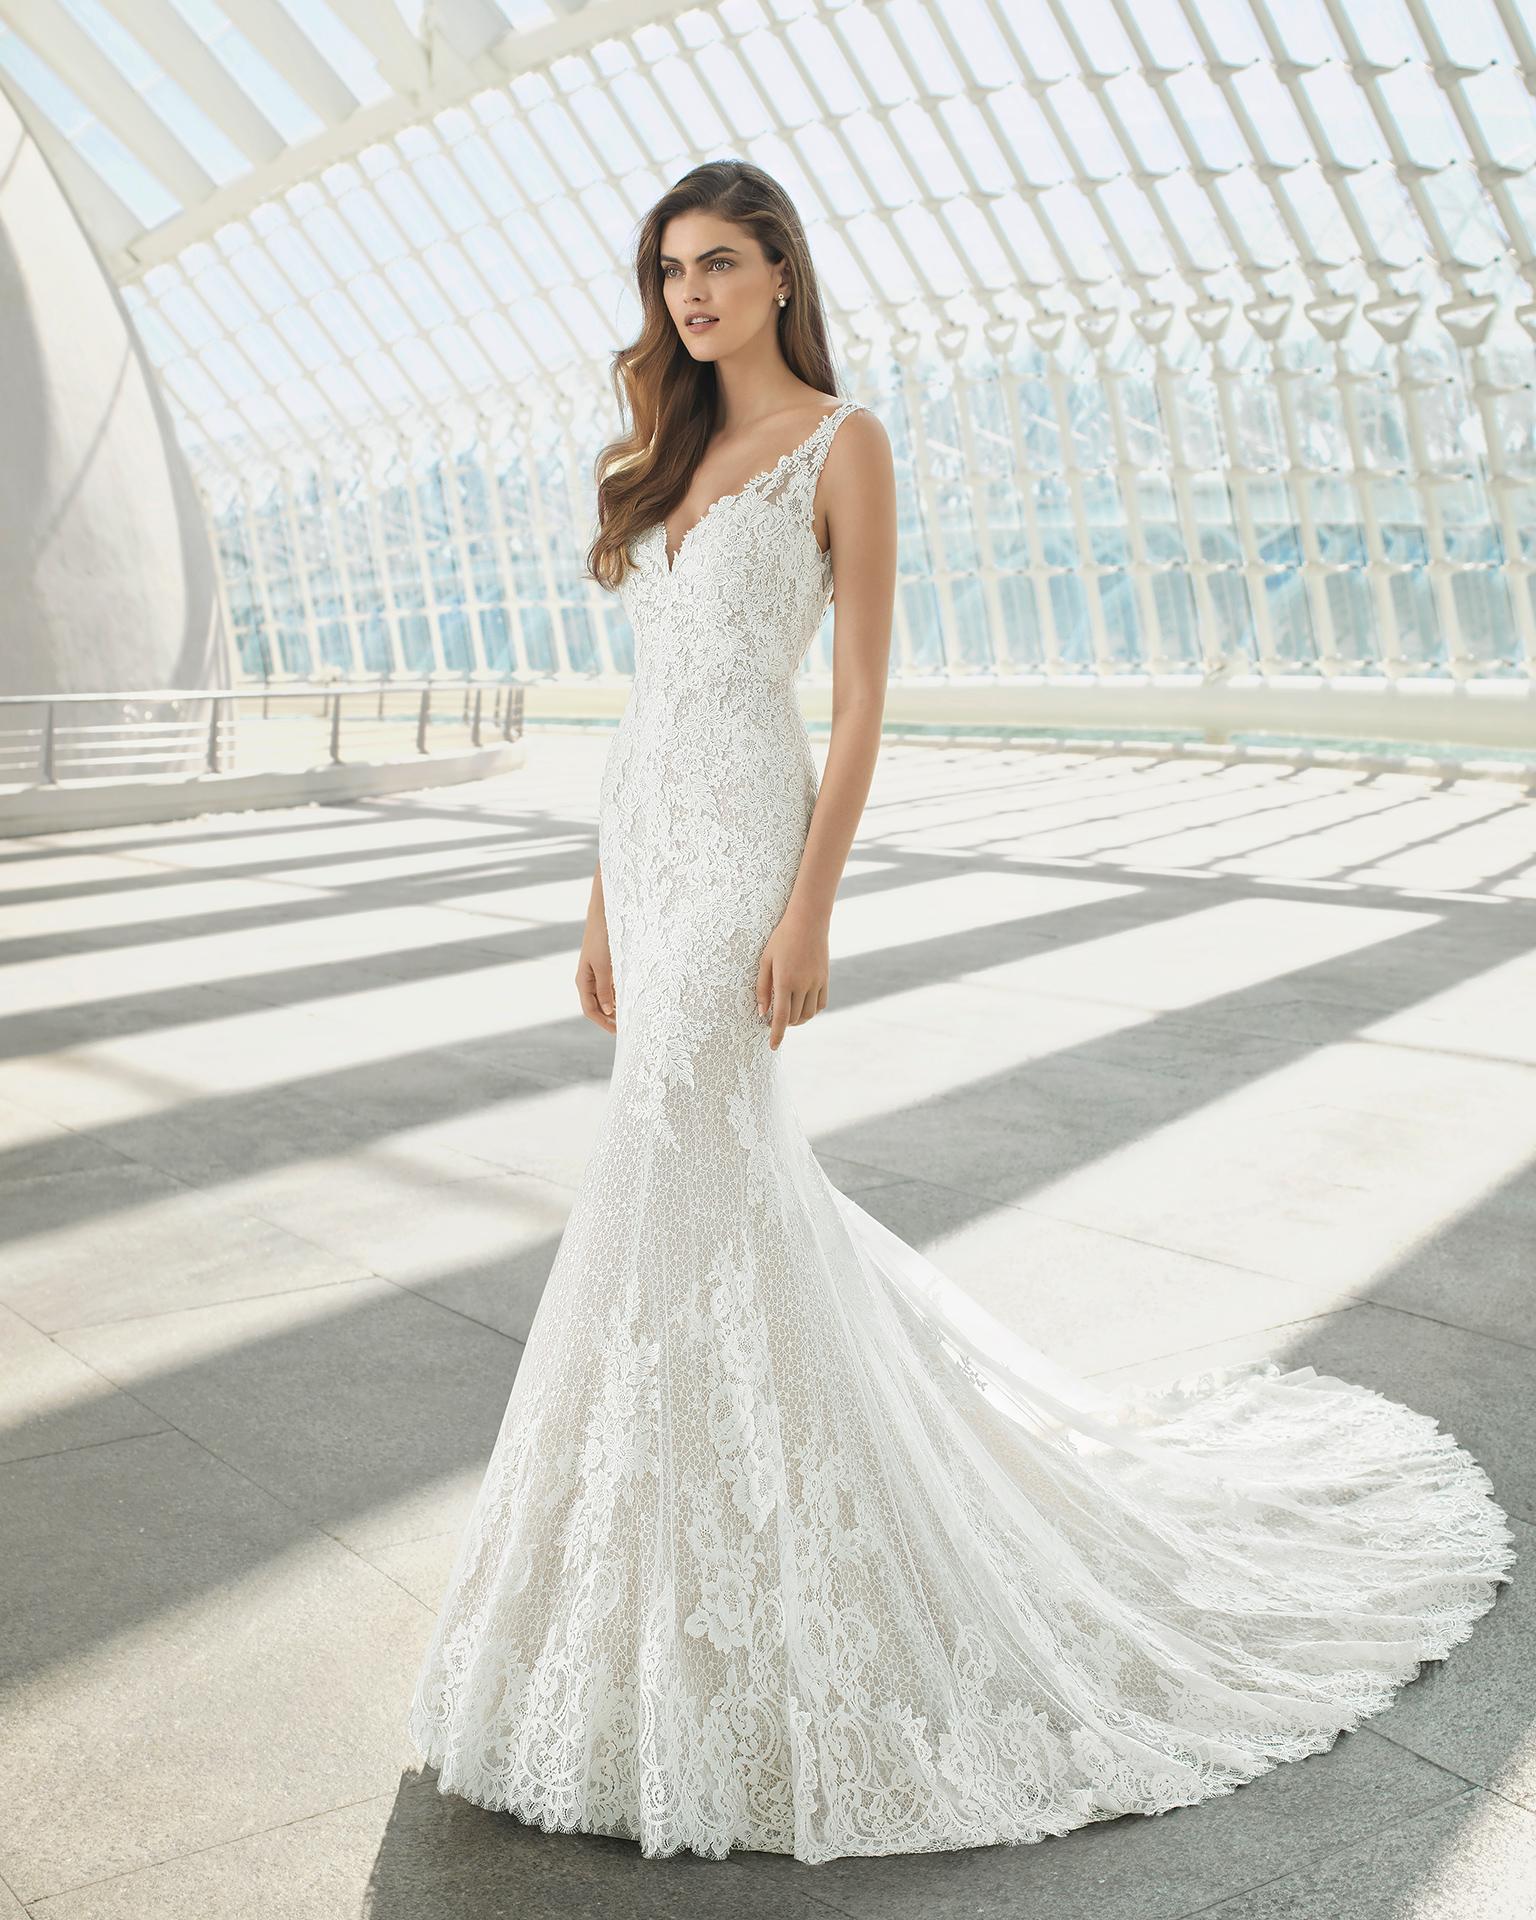 Vestido de novia modelo rosa clara